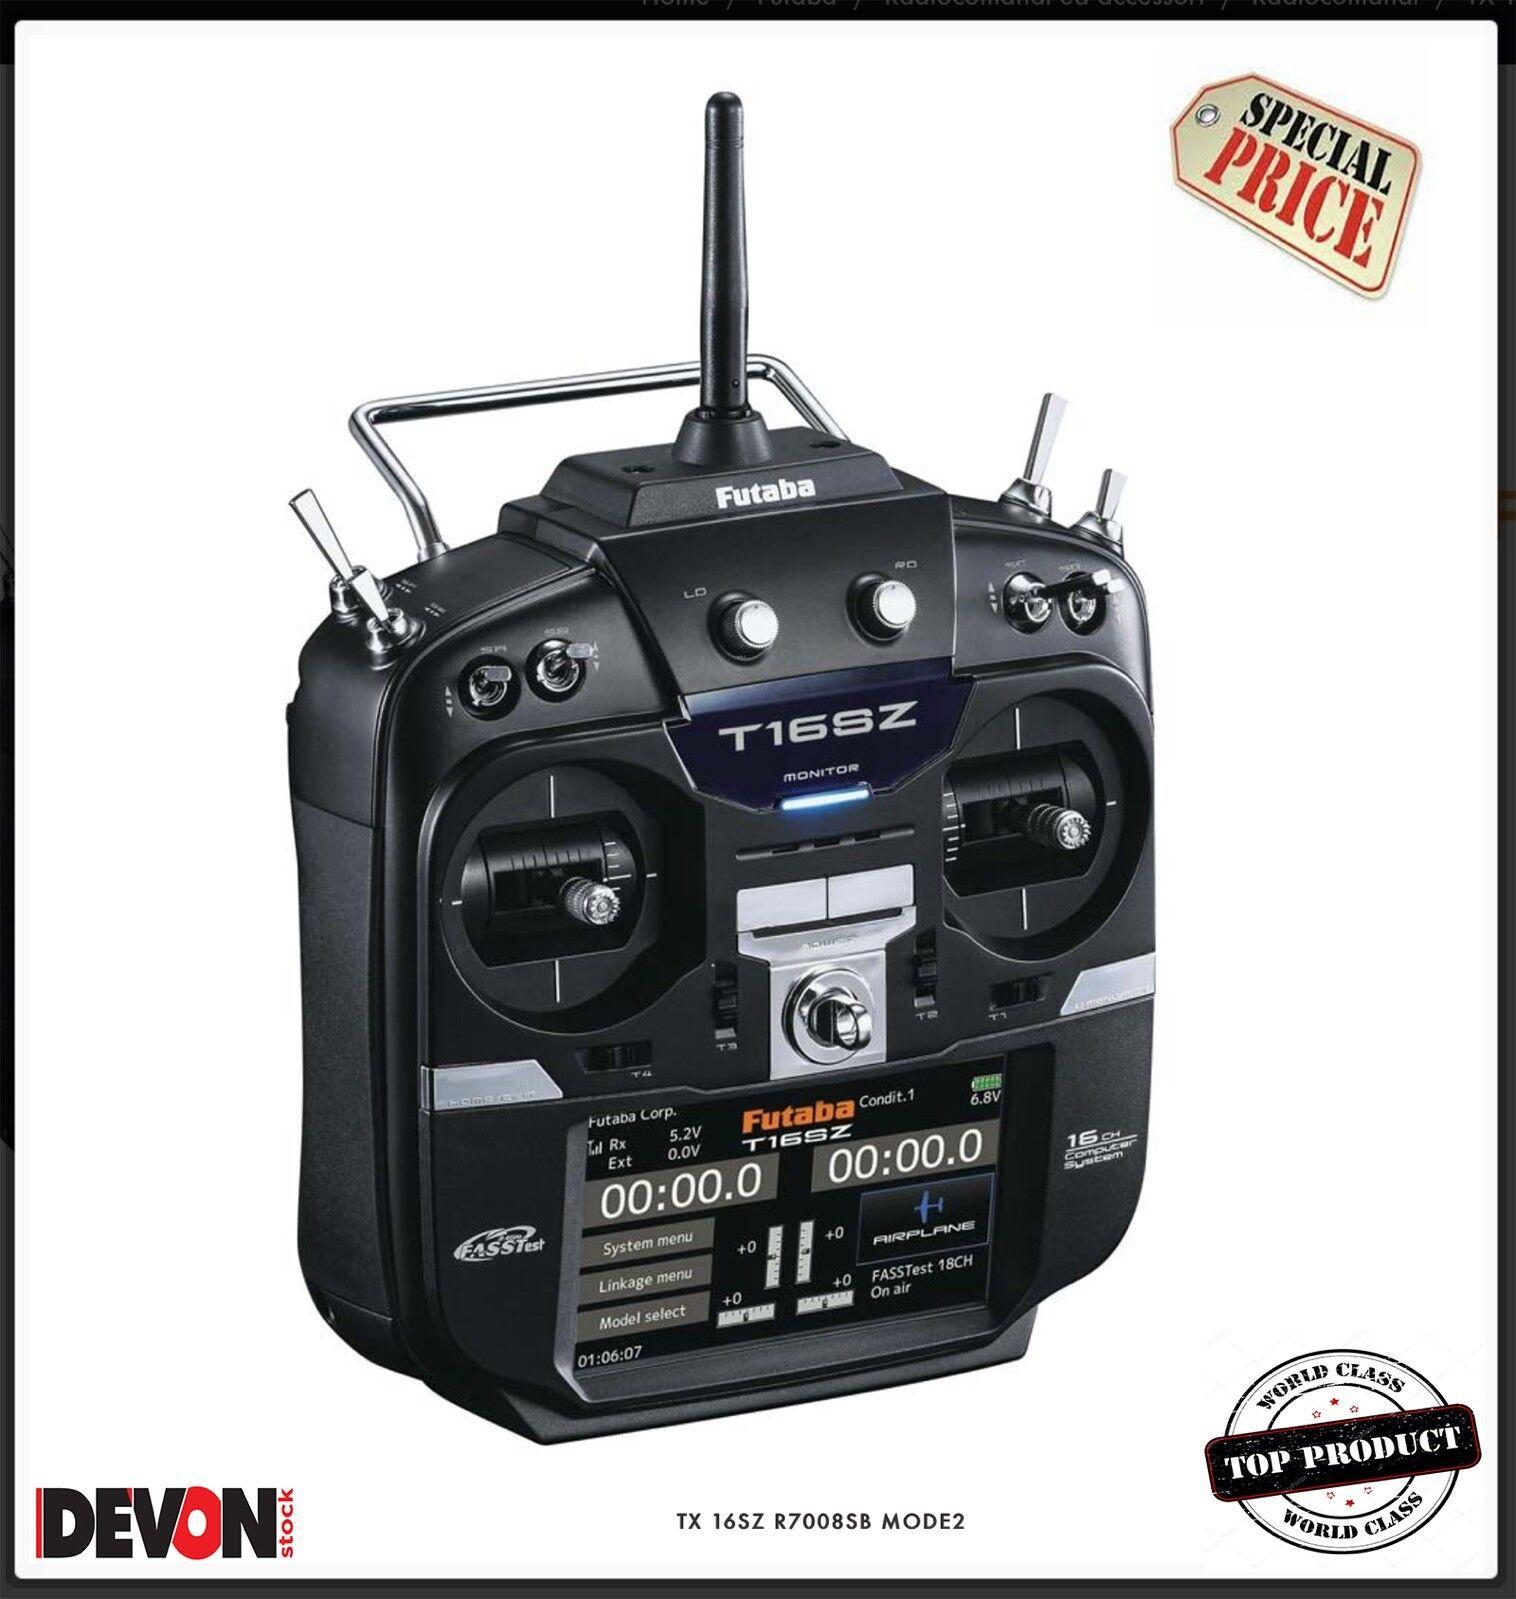 Radiocouomodo rc Futaba 16SZ R7008SB MODE  2 Elicottero Elettrico radio ricevente  migliore vendita